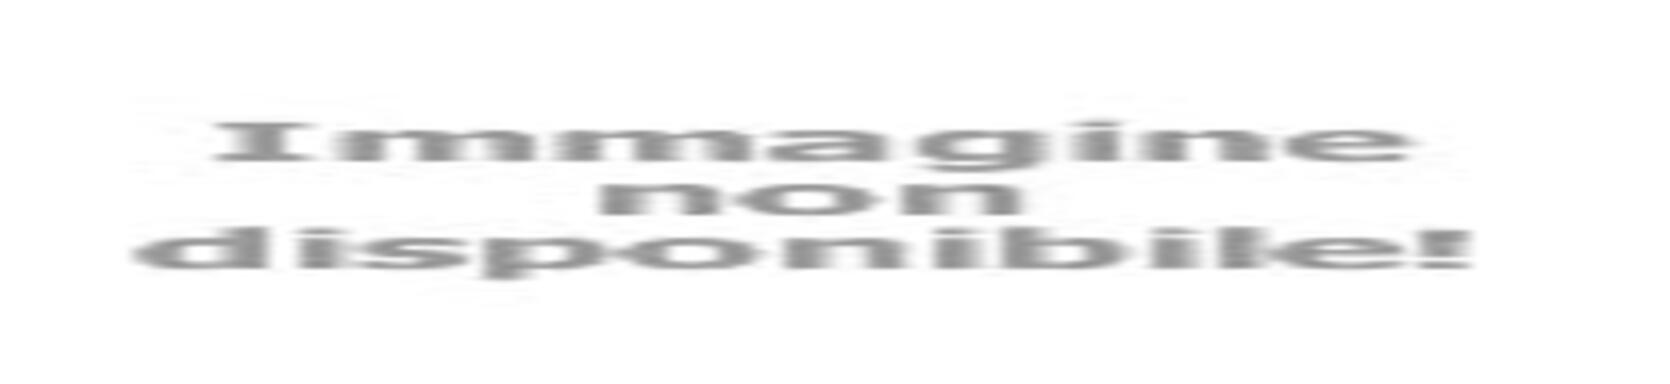 basketriminicrabs it 2-2635-settore-giovanile-u18-a-crabs-vince-la-finale-e-si-porta-a-casa-il-torneo-di-forli 003